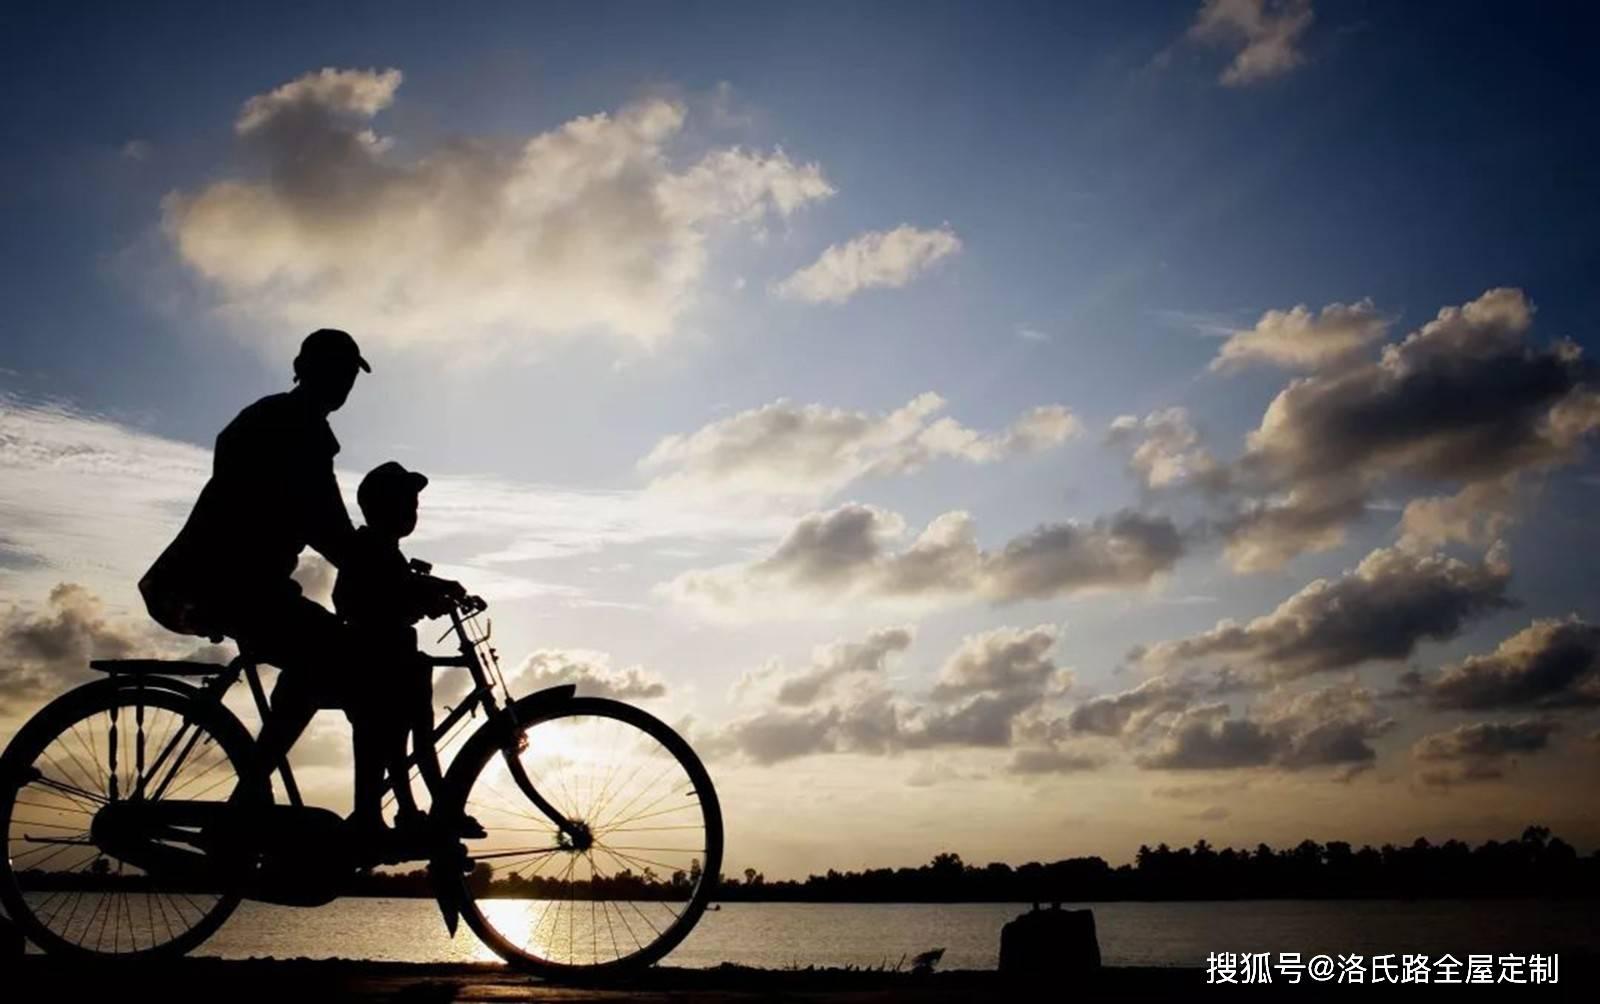 宁愿坐在自行车上午笑 坐在自行车上笑的意义